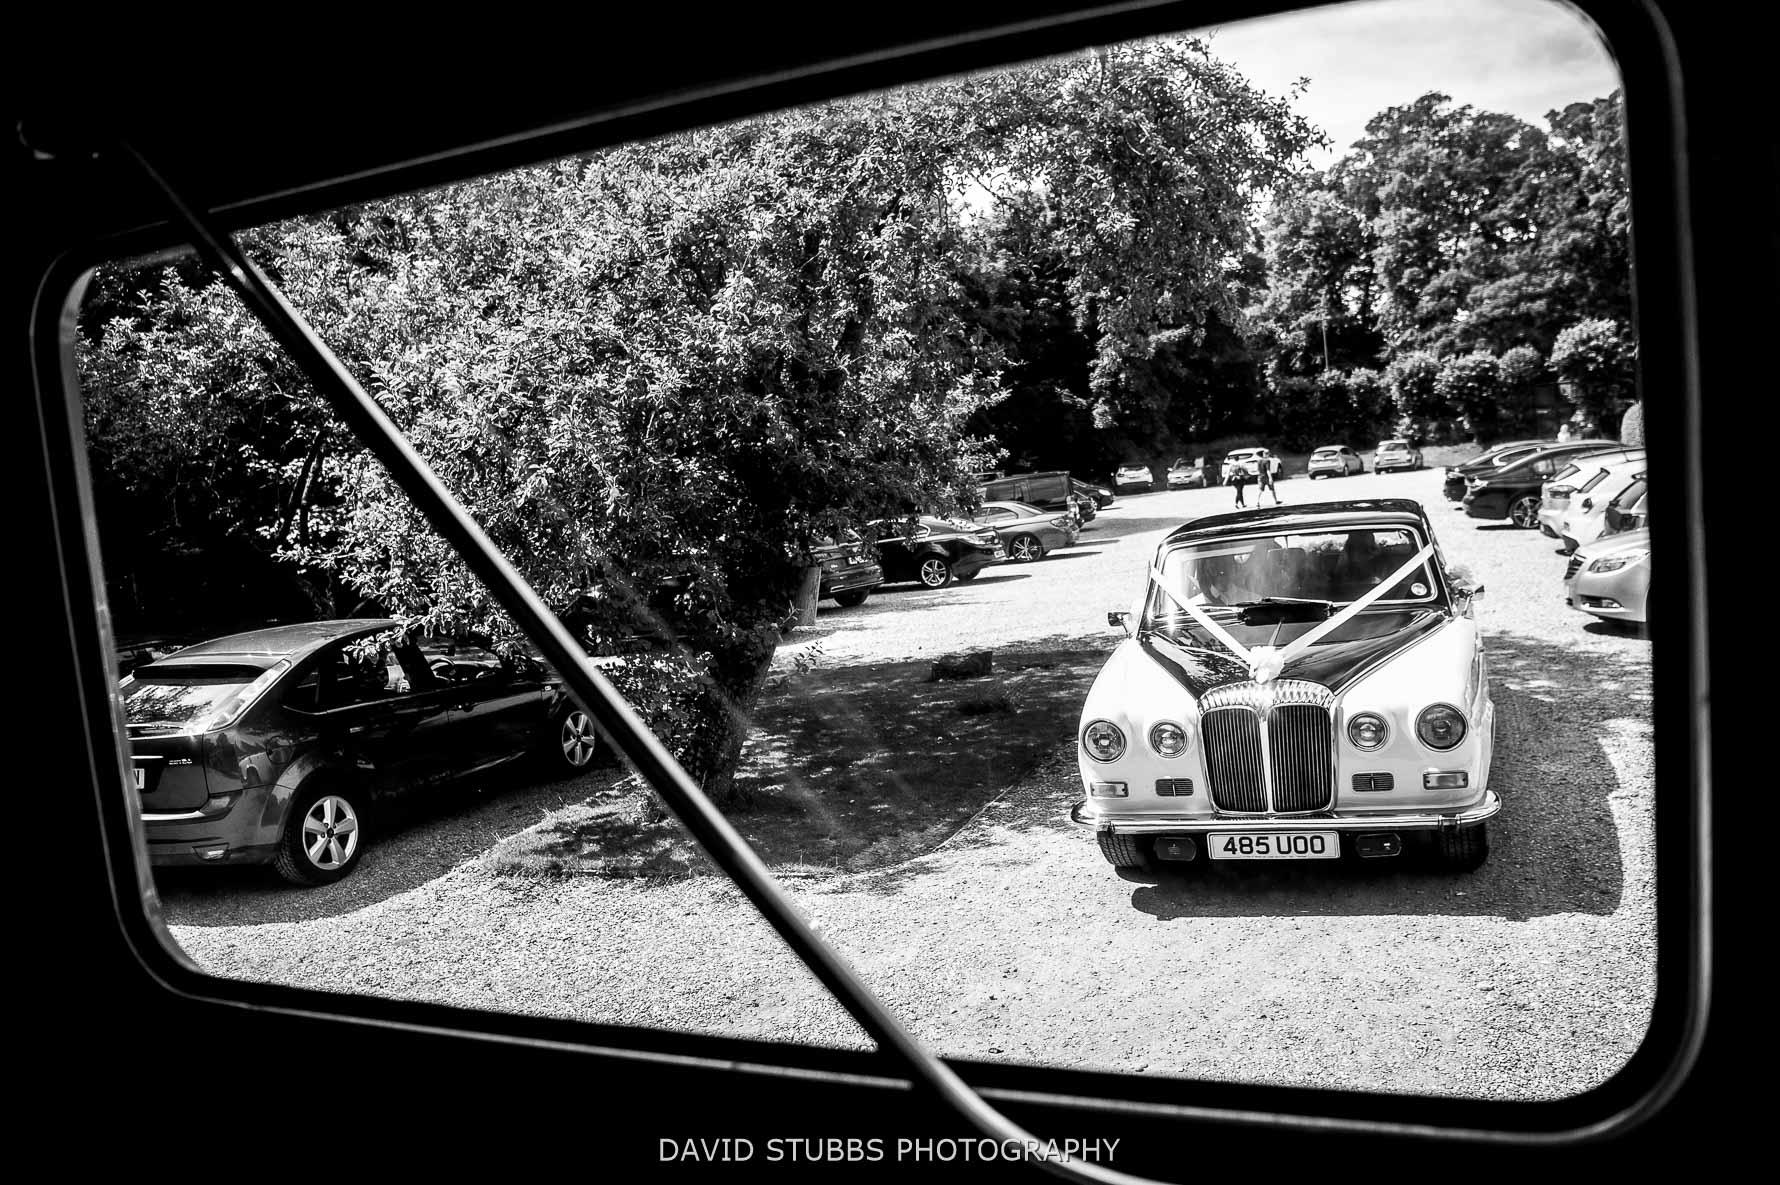 vintage wedding car behind